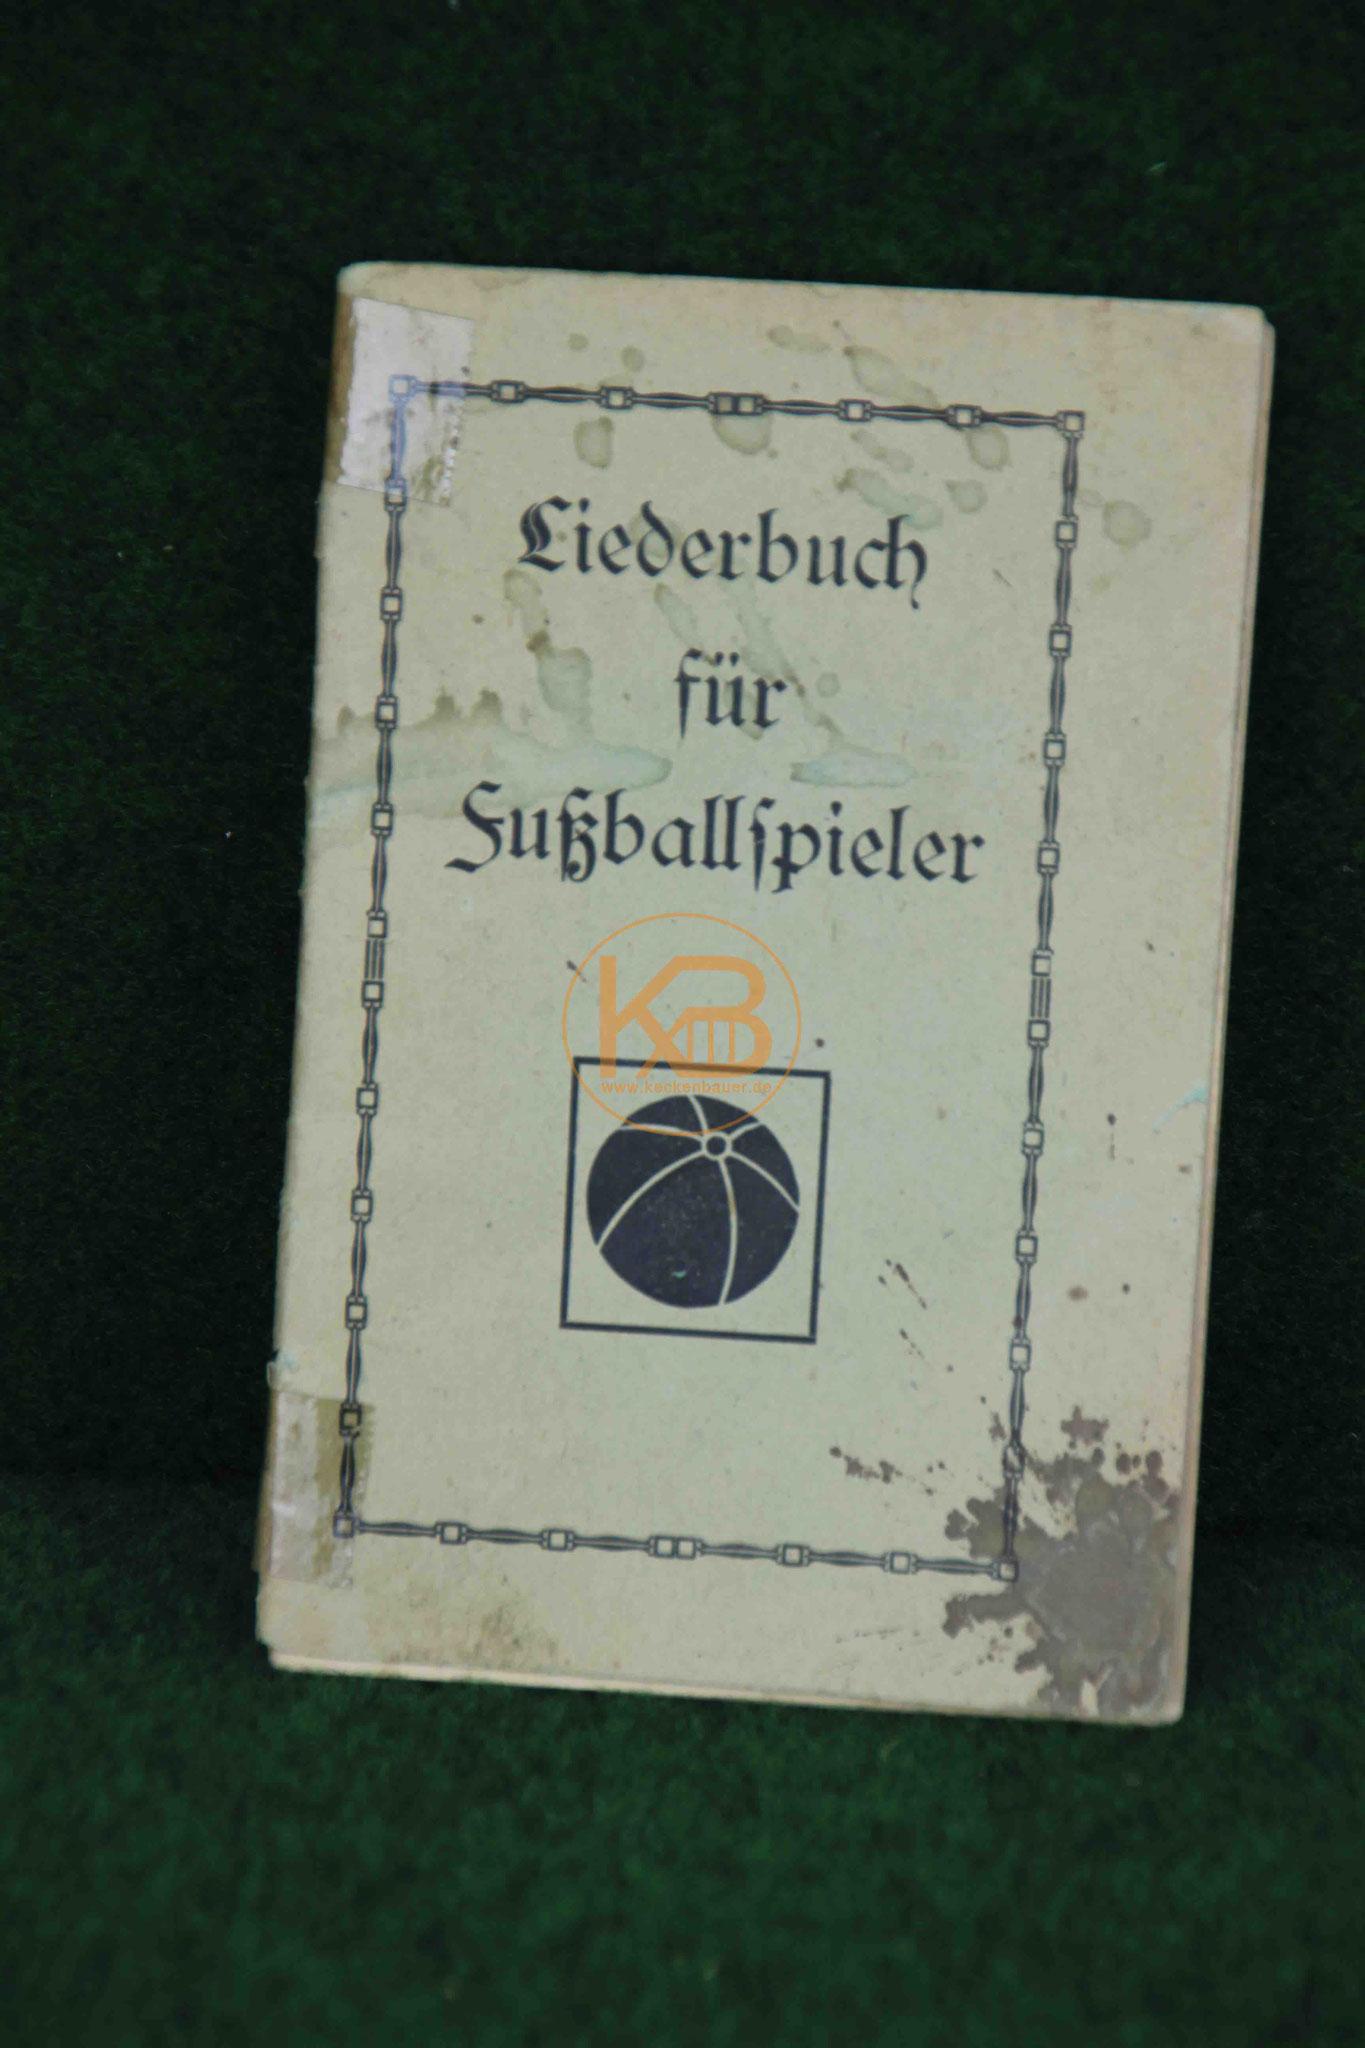 Liederbuch für Fußballspieler vermutlich aus den 1920er Jahren